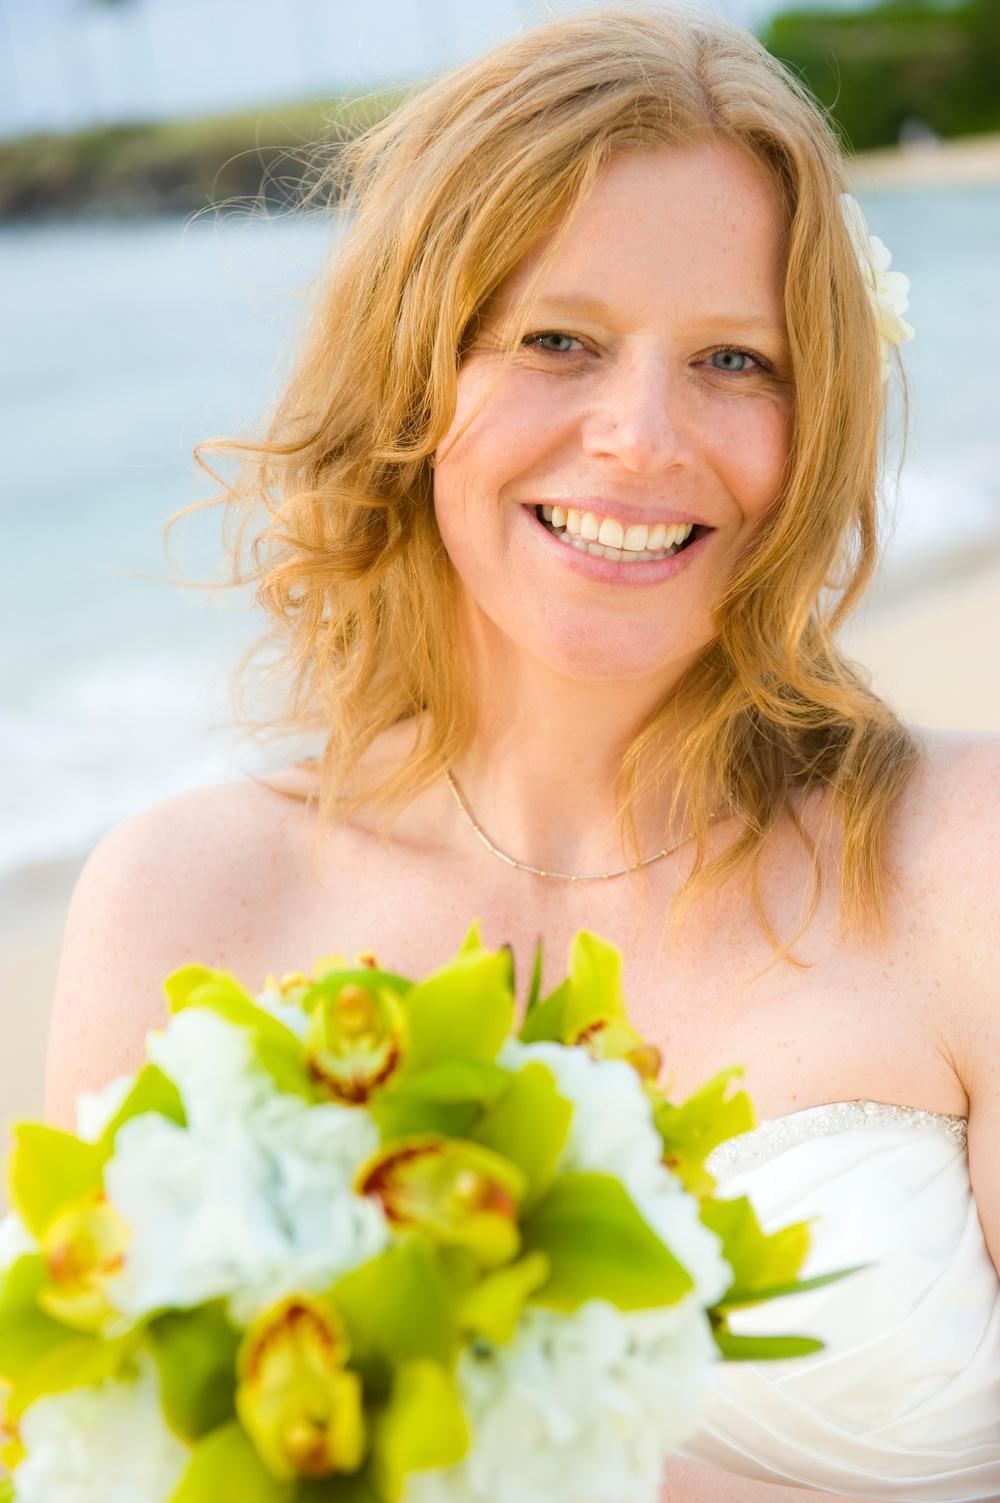 Wedding++31713-1852470483-O.jpg